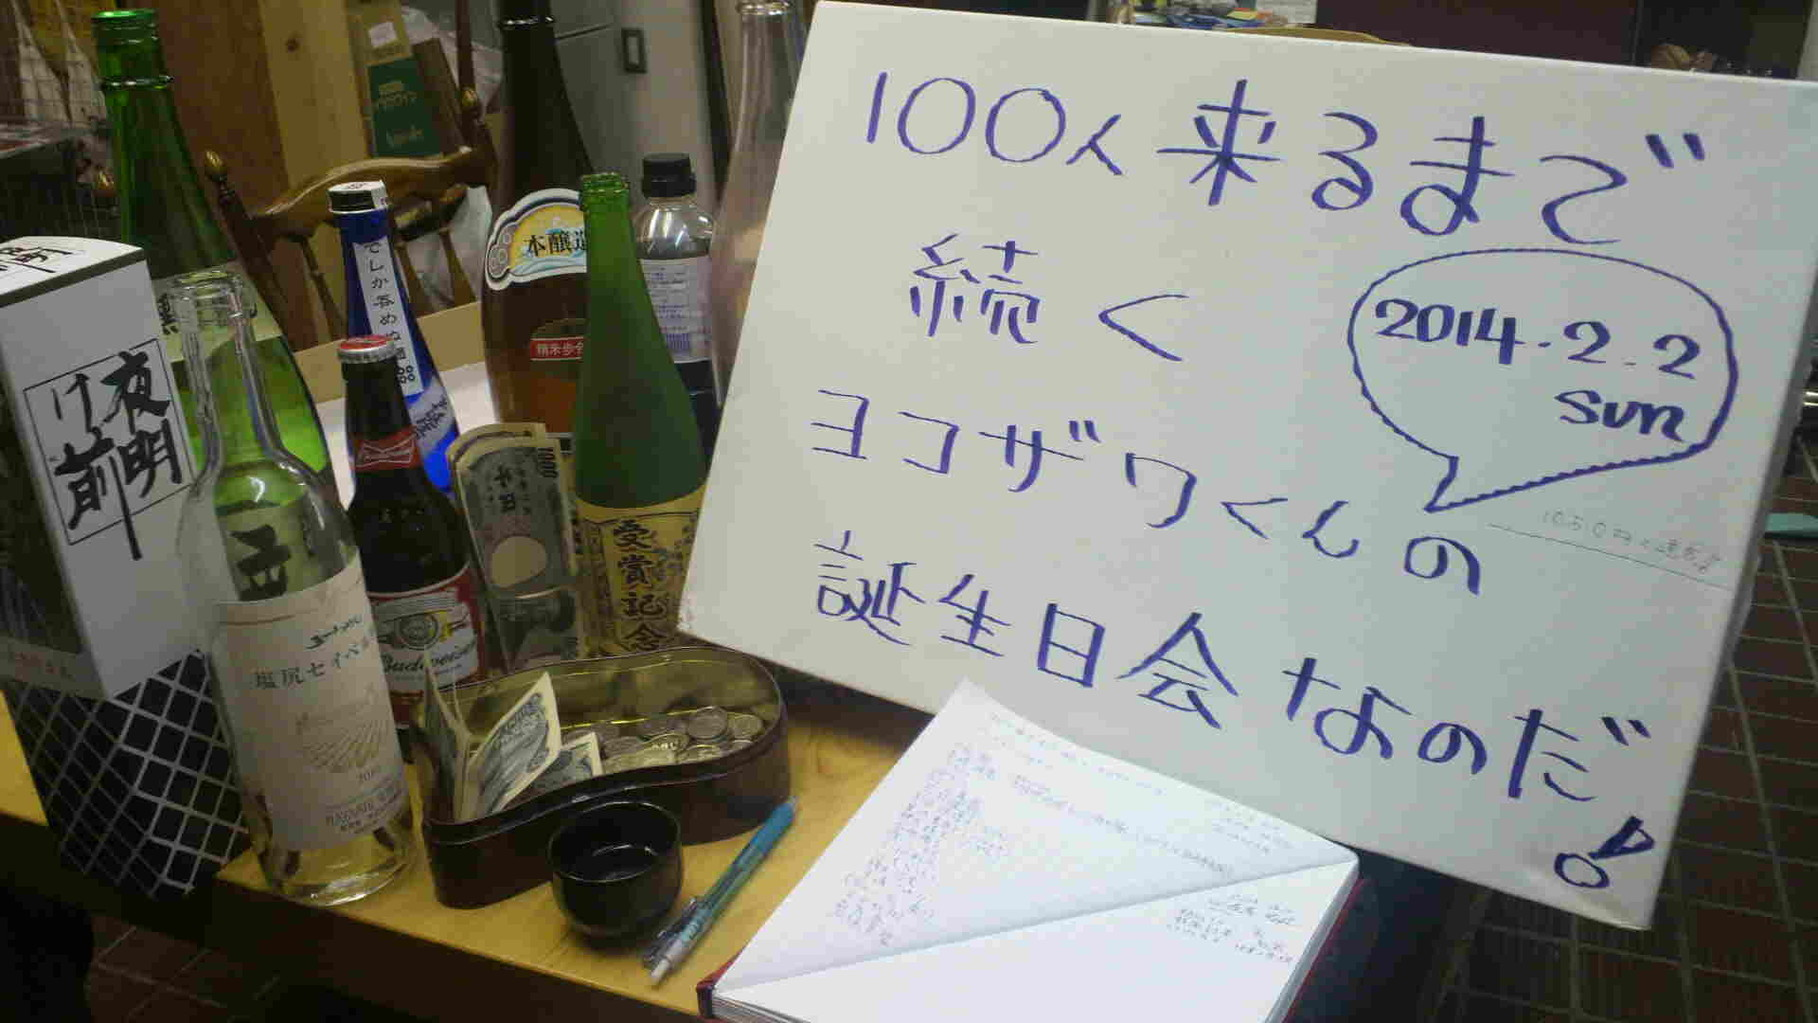 みなさまから横澤君への100円プレゼント、合計10,510円集まりました